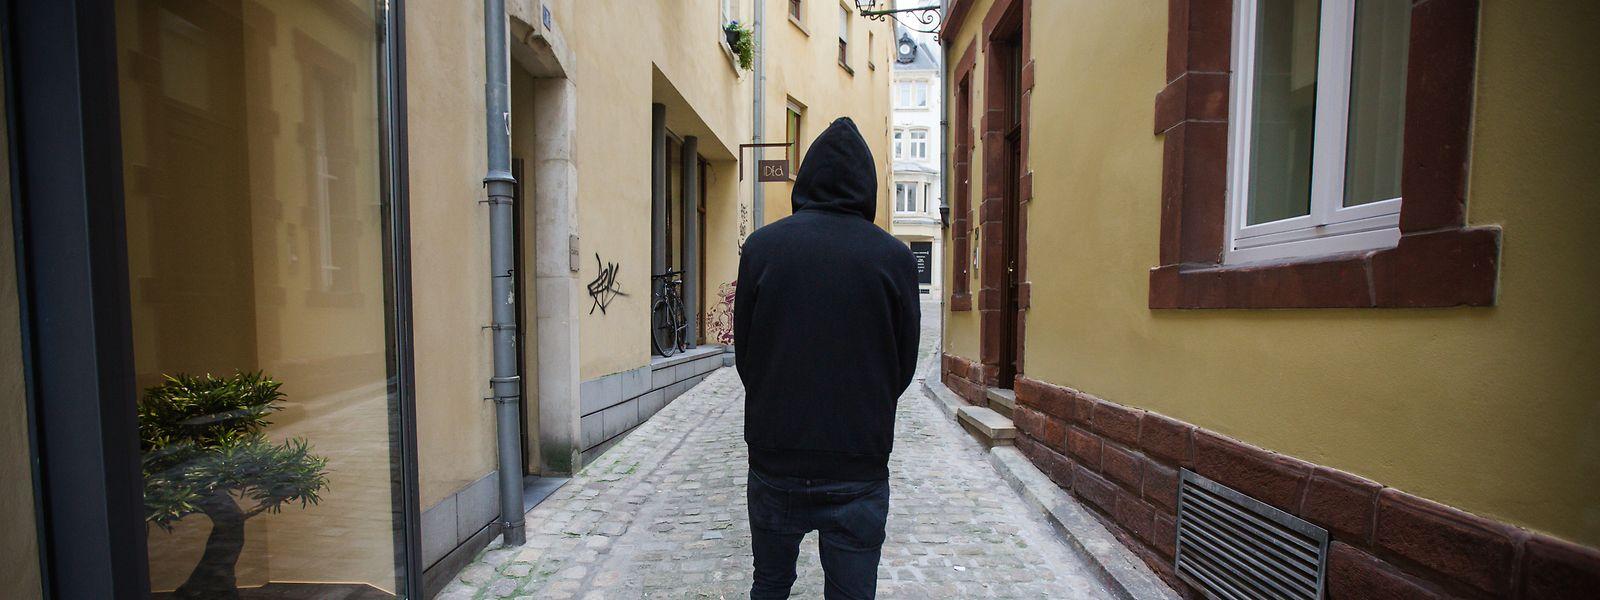 Selbstmordgefährdete Menschen kapseln sich oft von ihren Liebsten und der Außenwelt ab. Ob auch die Folgen der Corona-Krise ein möglicher Auslöser für Suizidfälle ist oder war, kann laut Psychologe François D'Onghia derzeit nicht belegt werden.